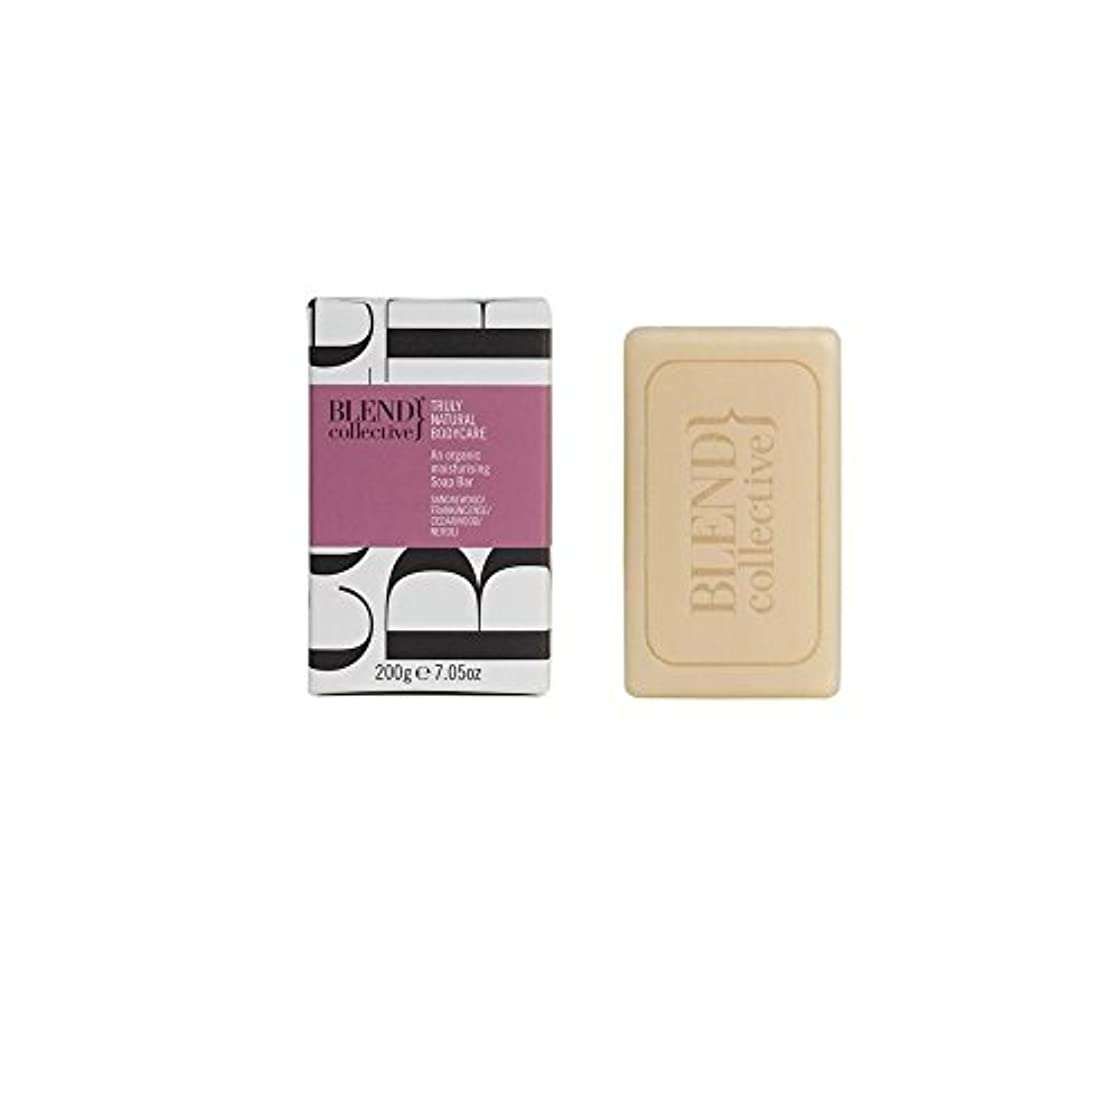 繊毛空洞拡散するBlend Collective Unwinding Soap Bar (200g) 集合的な巻き戻し固形石鹸( 200グラム)をブレンド [並行輸入品]